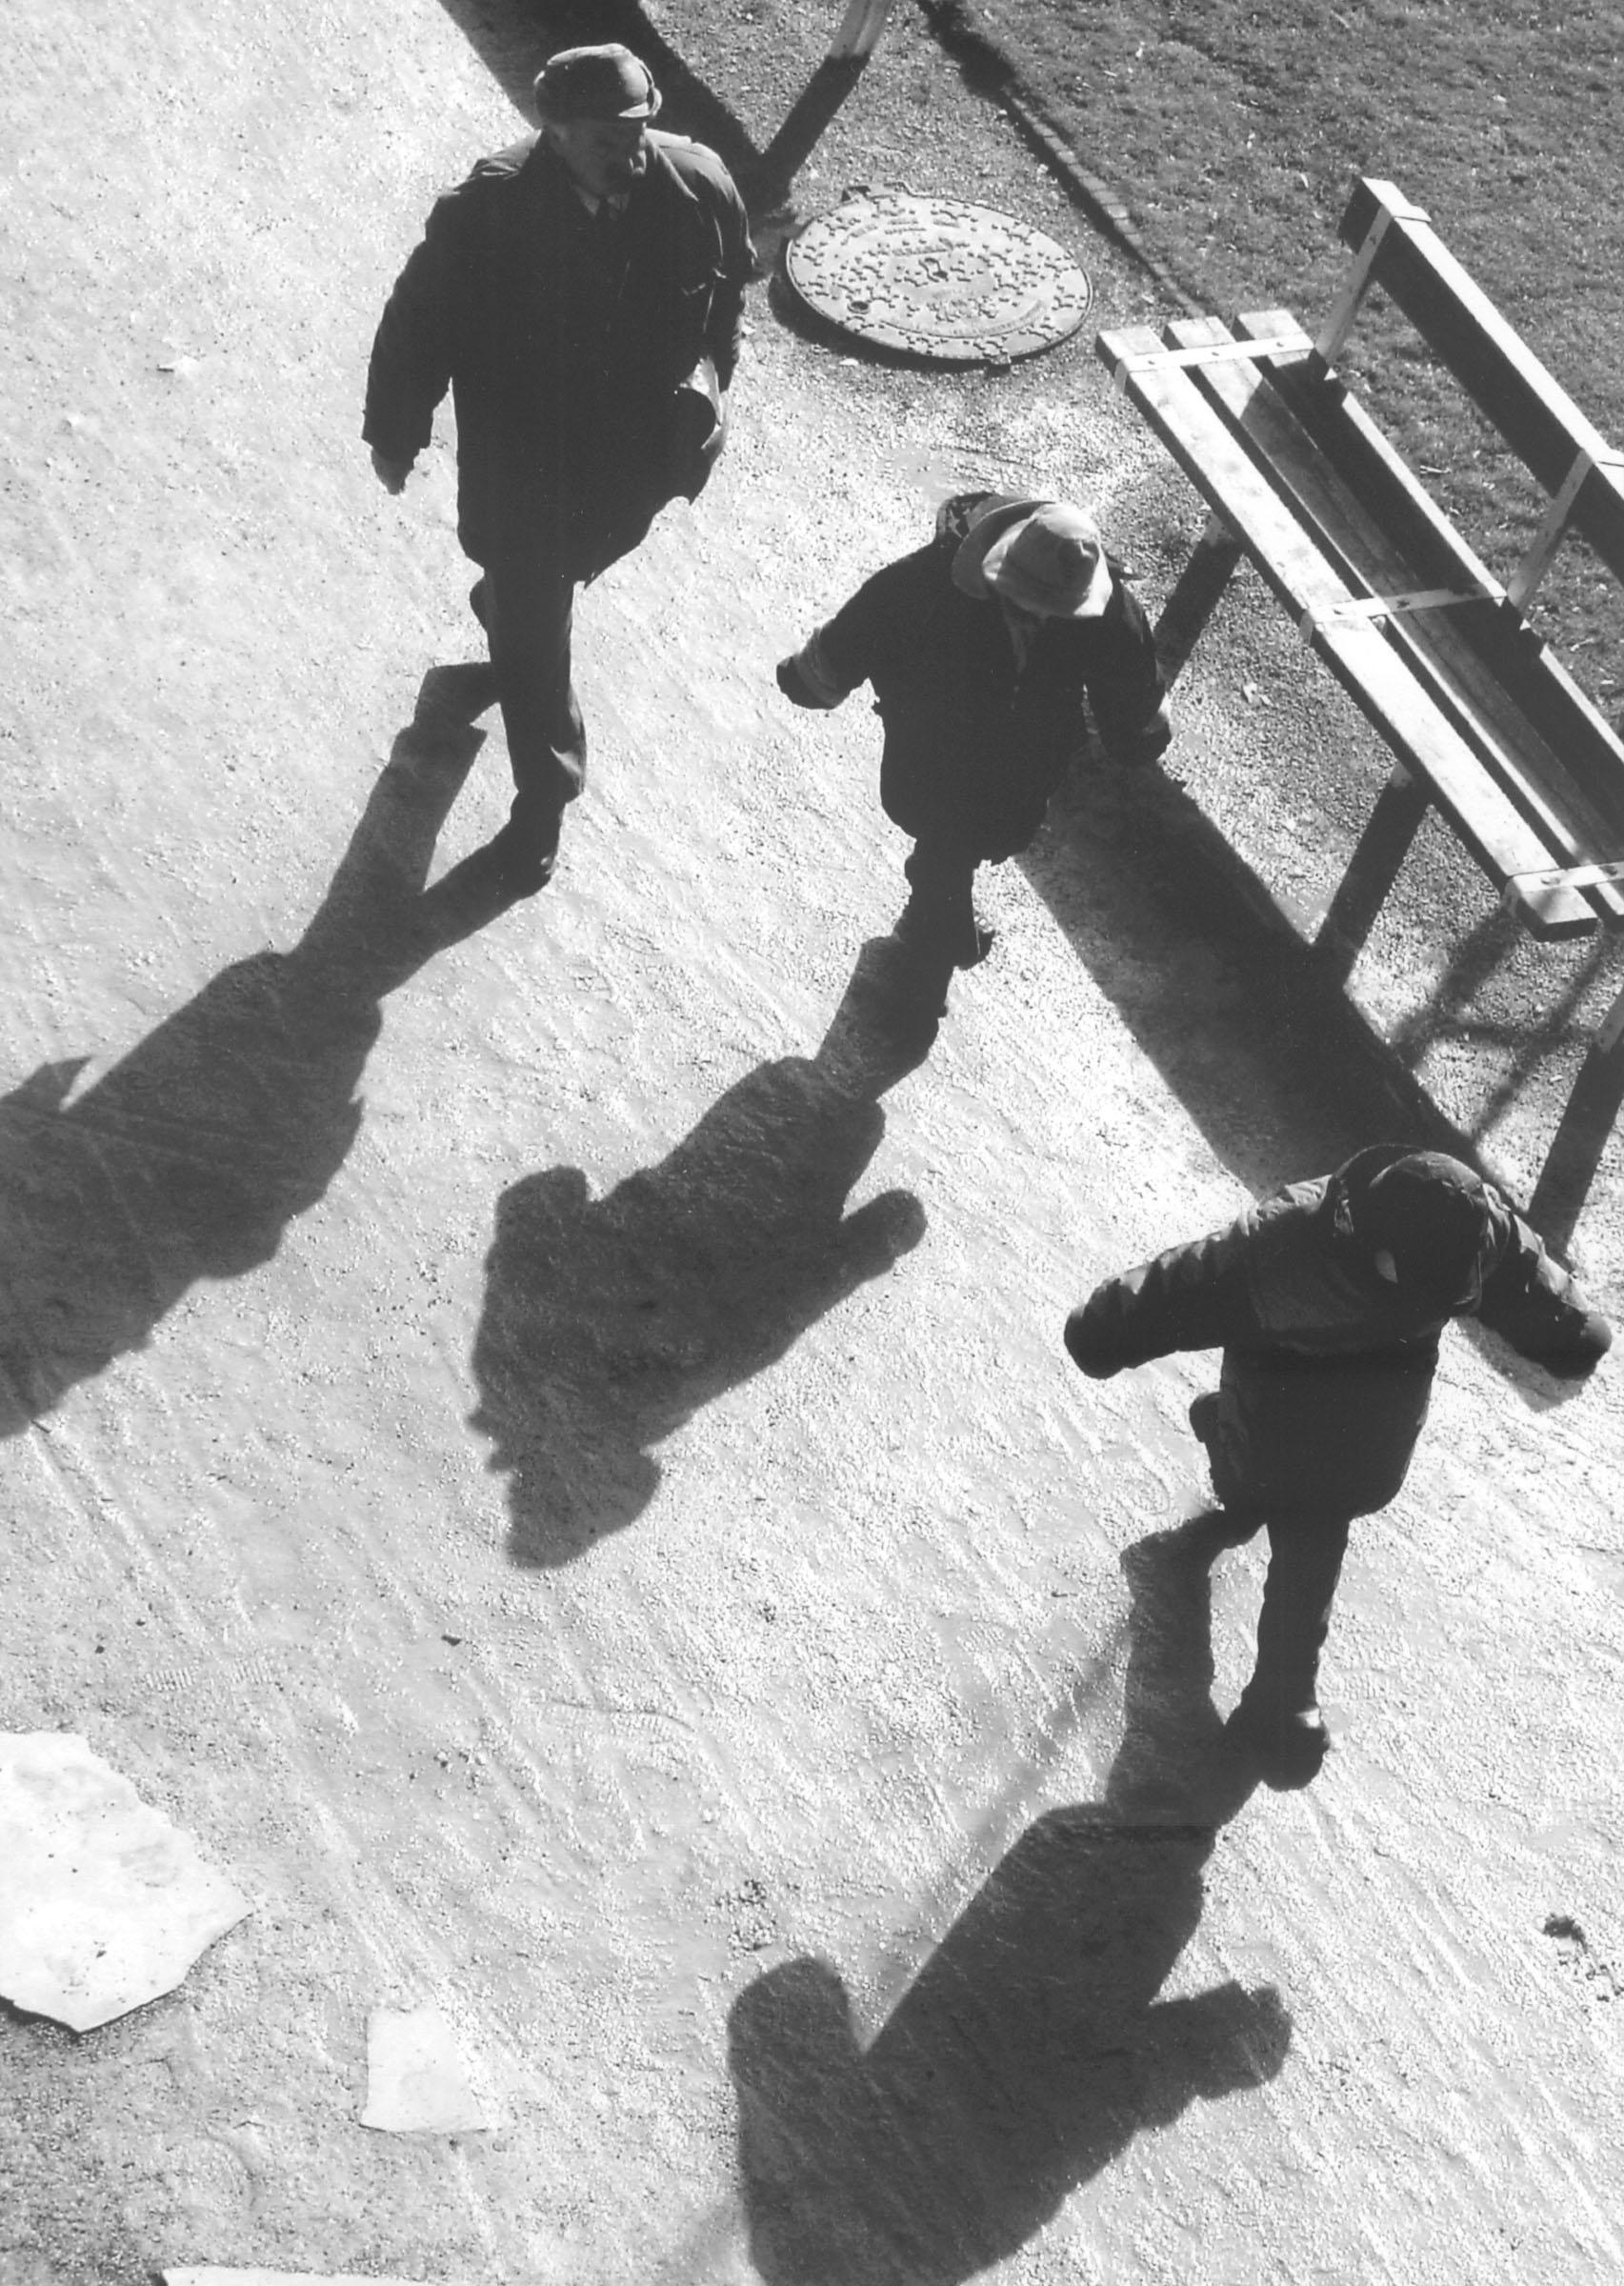 2004.09.18. Hétköznapok fotópályázat - Bojtár Tamás - Millenáris Park.jpg